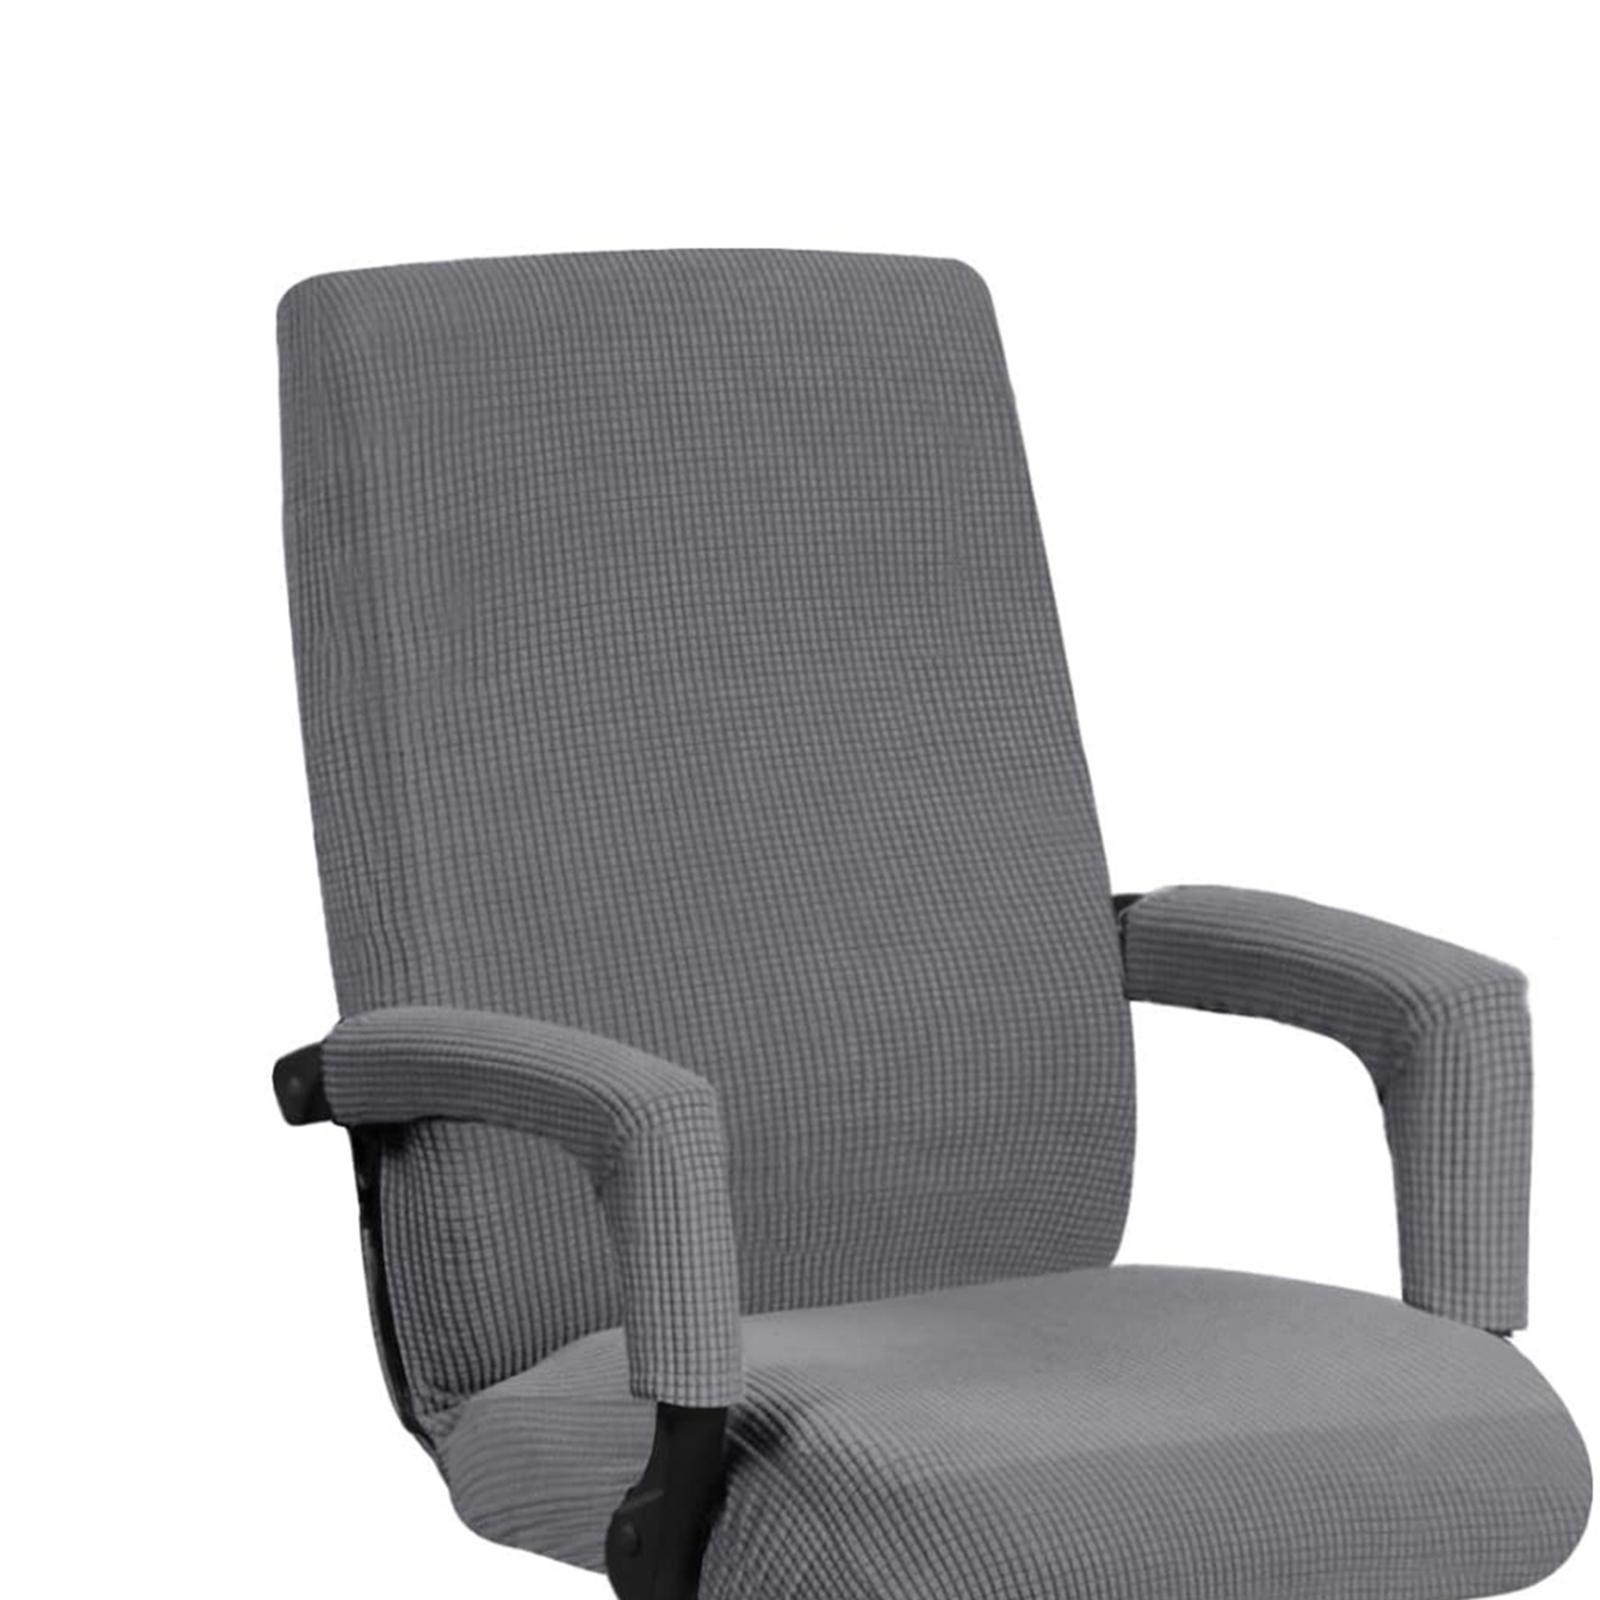 miniature 19 - Housses de chaise de bureau contemporaines à dossier haut et 2 housses de bras